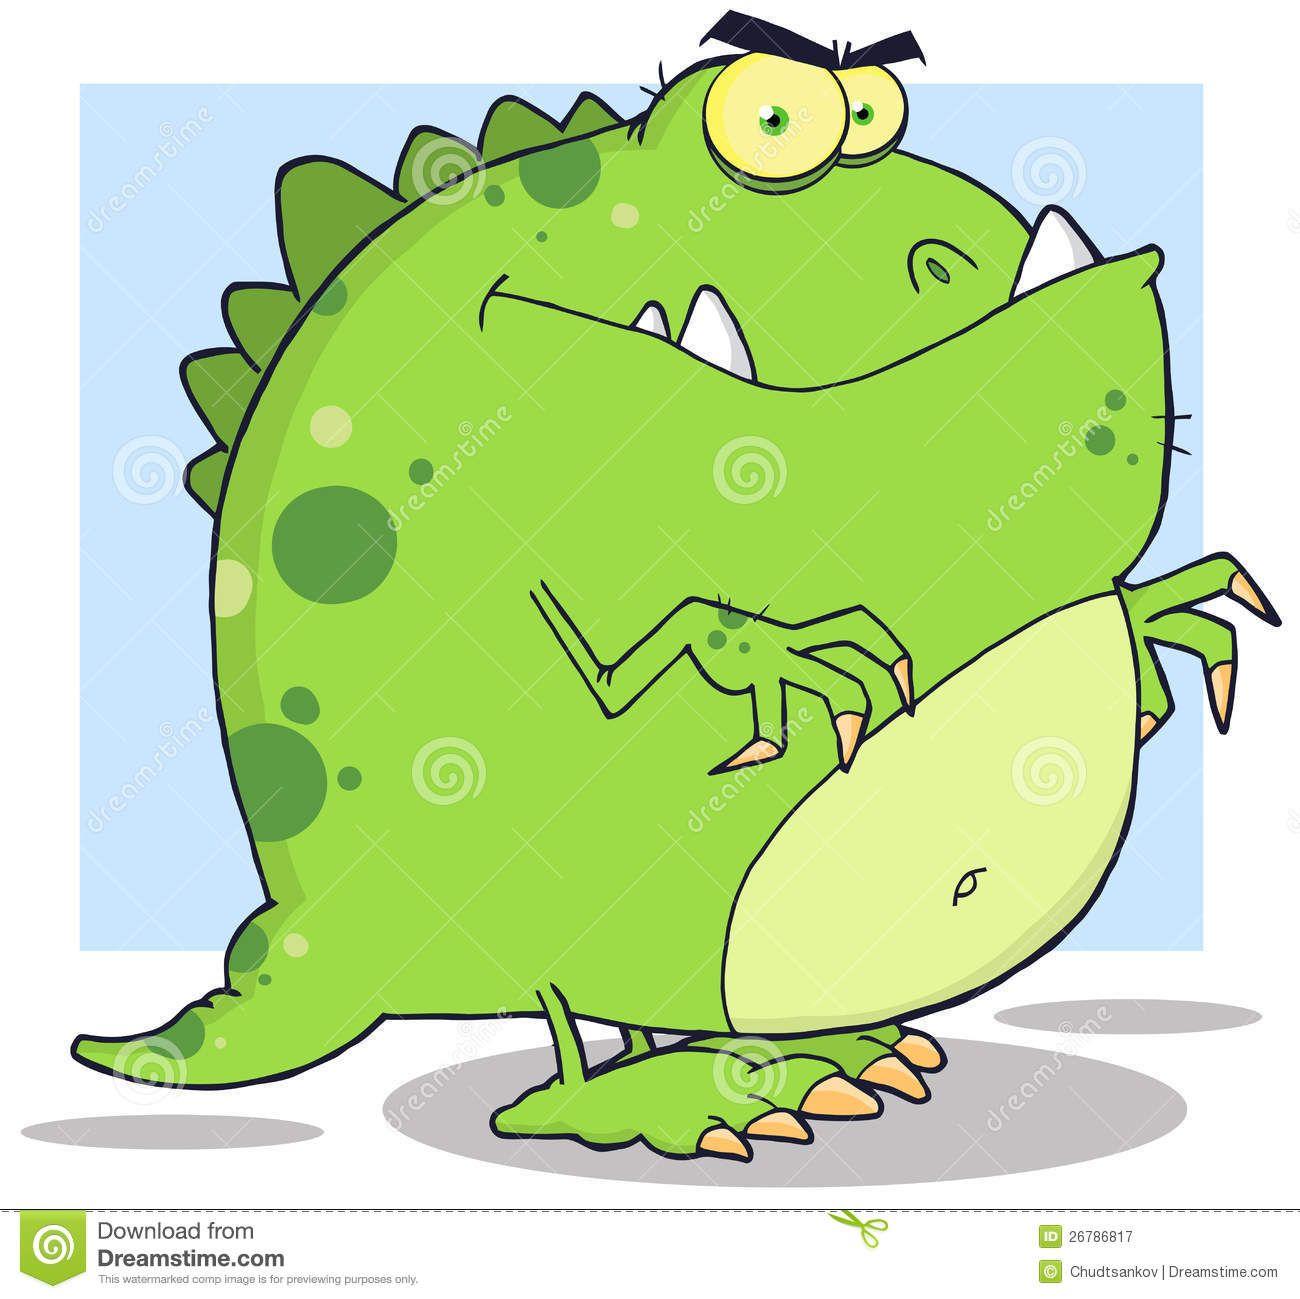 динозавр смешной - Поиск в Google | идеи для аппликаций | Pinterest ...